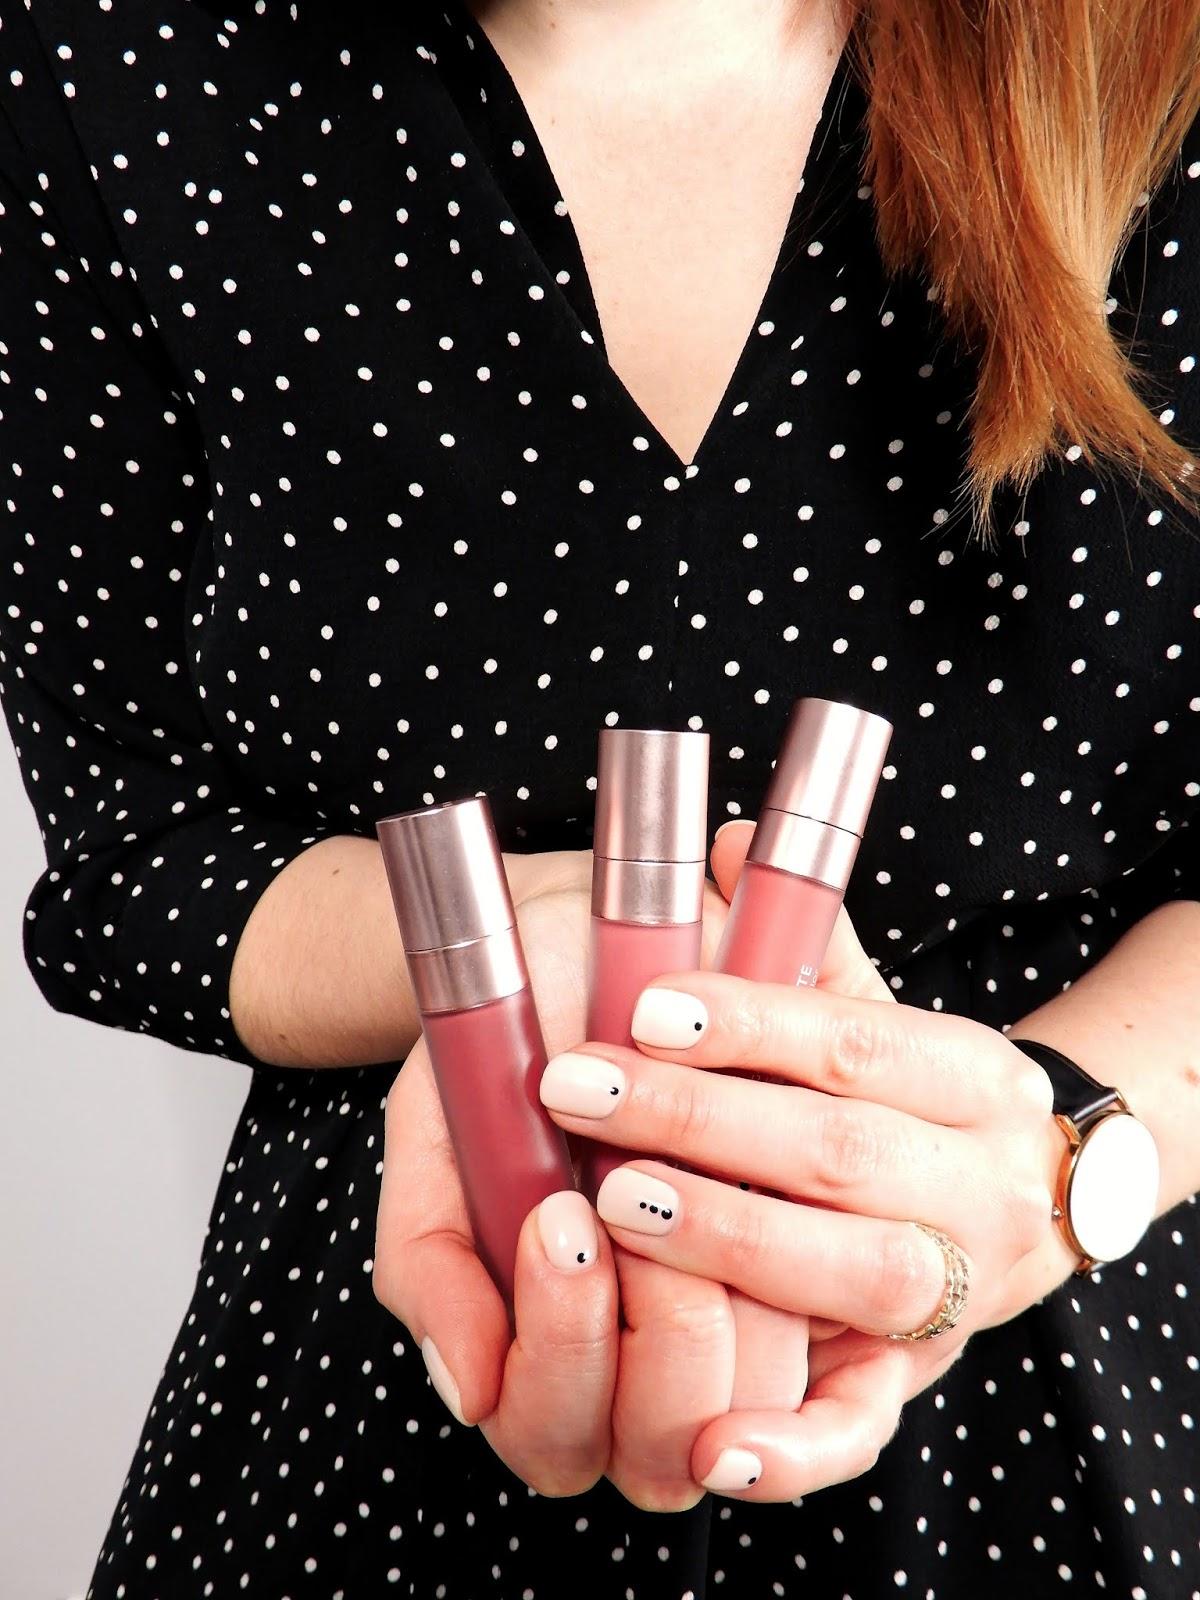 dzień kobiet 8 marca, blogerska akcja na dzień kobiet, życzenia na dzień kobiet, moja wizja kobiecości, kobiecość, sukienka w grochy, różowe goździki, dotsnails, paznokcie w kropki,